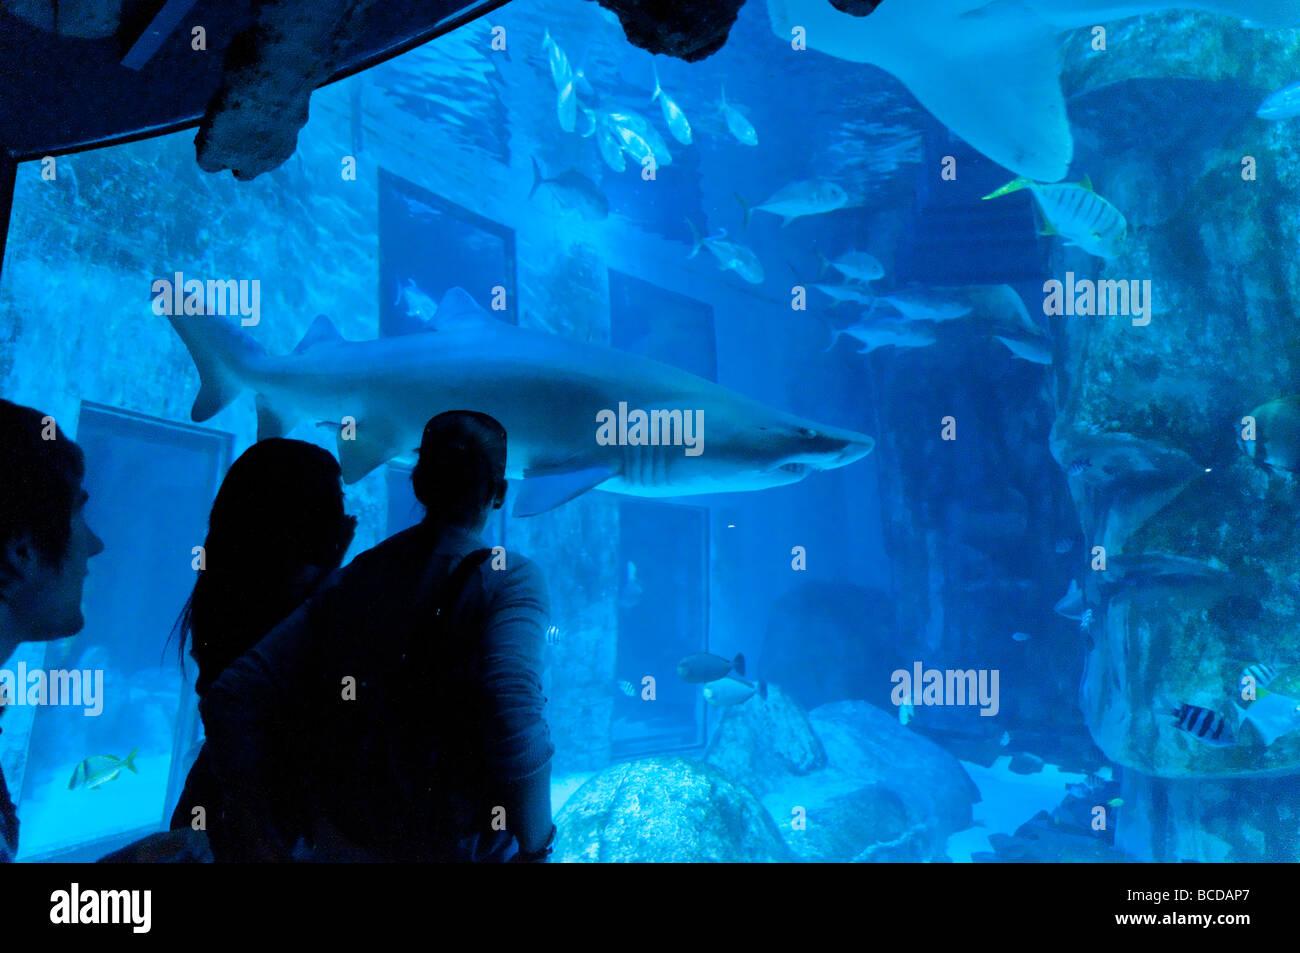 Buy fish for aquarium london - Shark In The Sea Life London Aquarium London England Britain Uk